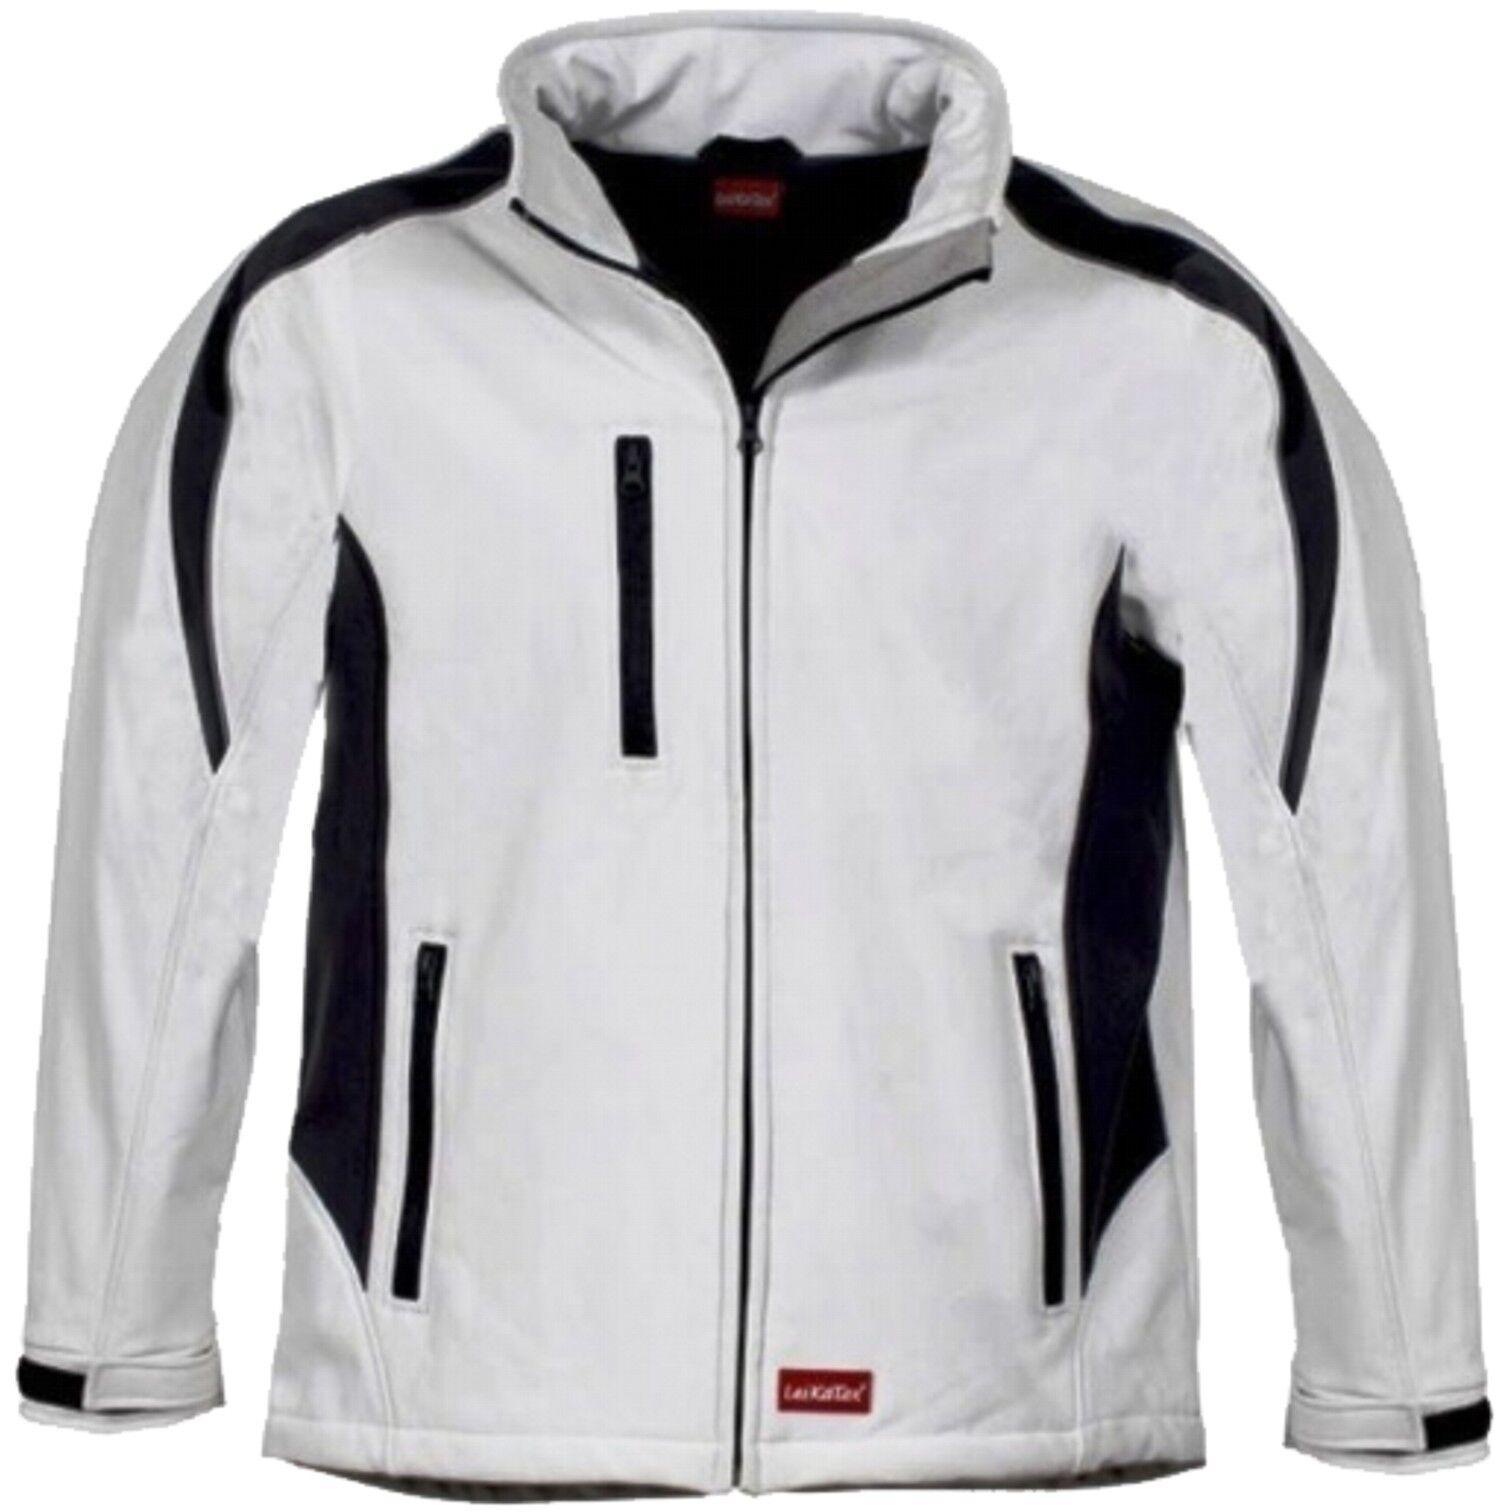 Softshelljacke weiß / grau Funktionsjacke Jacke Warnjacke Arbeitsjacke  S-XXXL